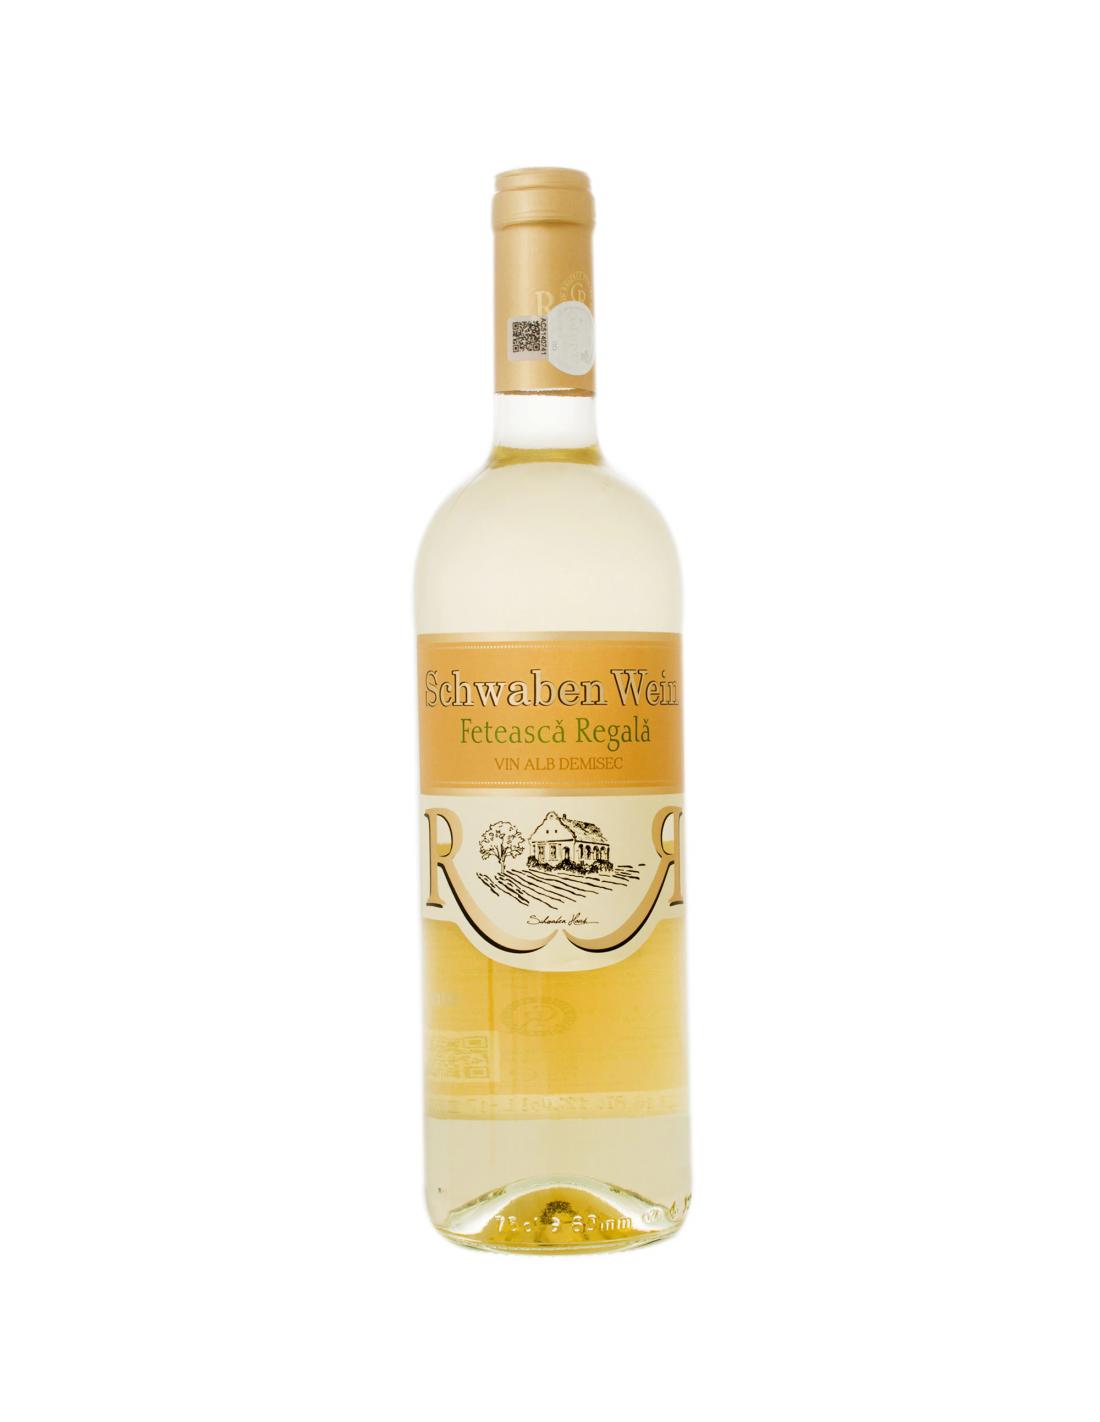 Vin alb demisec, Feteasca Regala, Schwaben Wein Recas, 0.75L, 12% alc., Romania